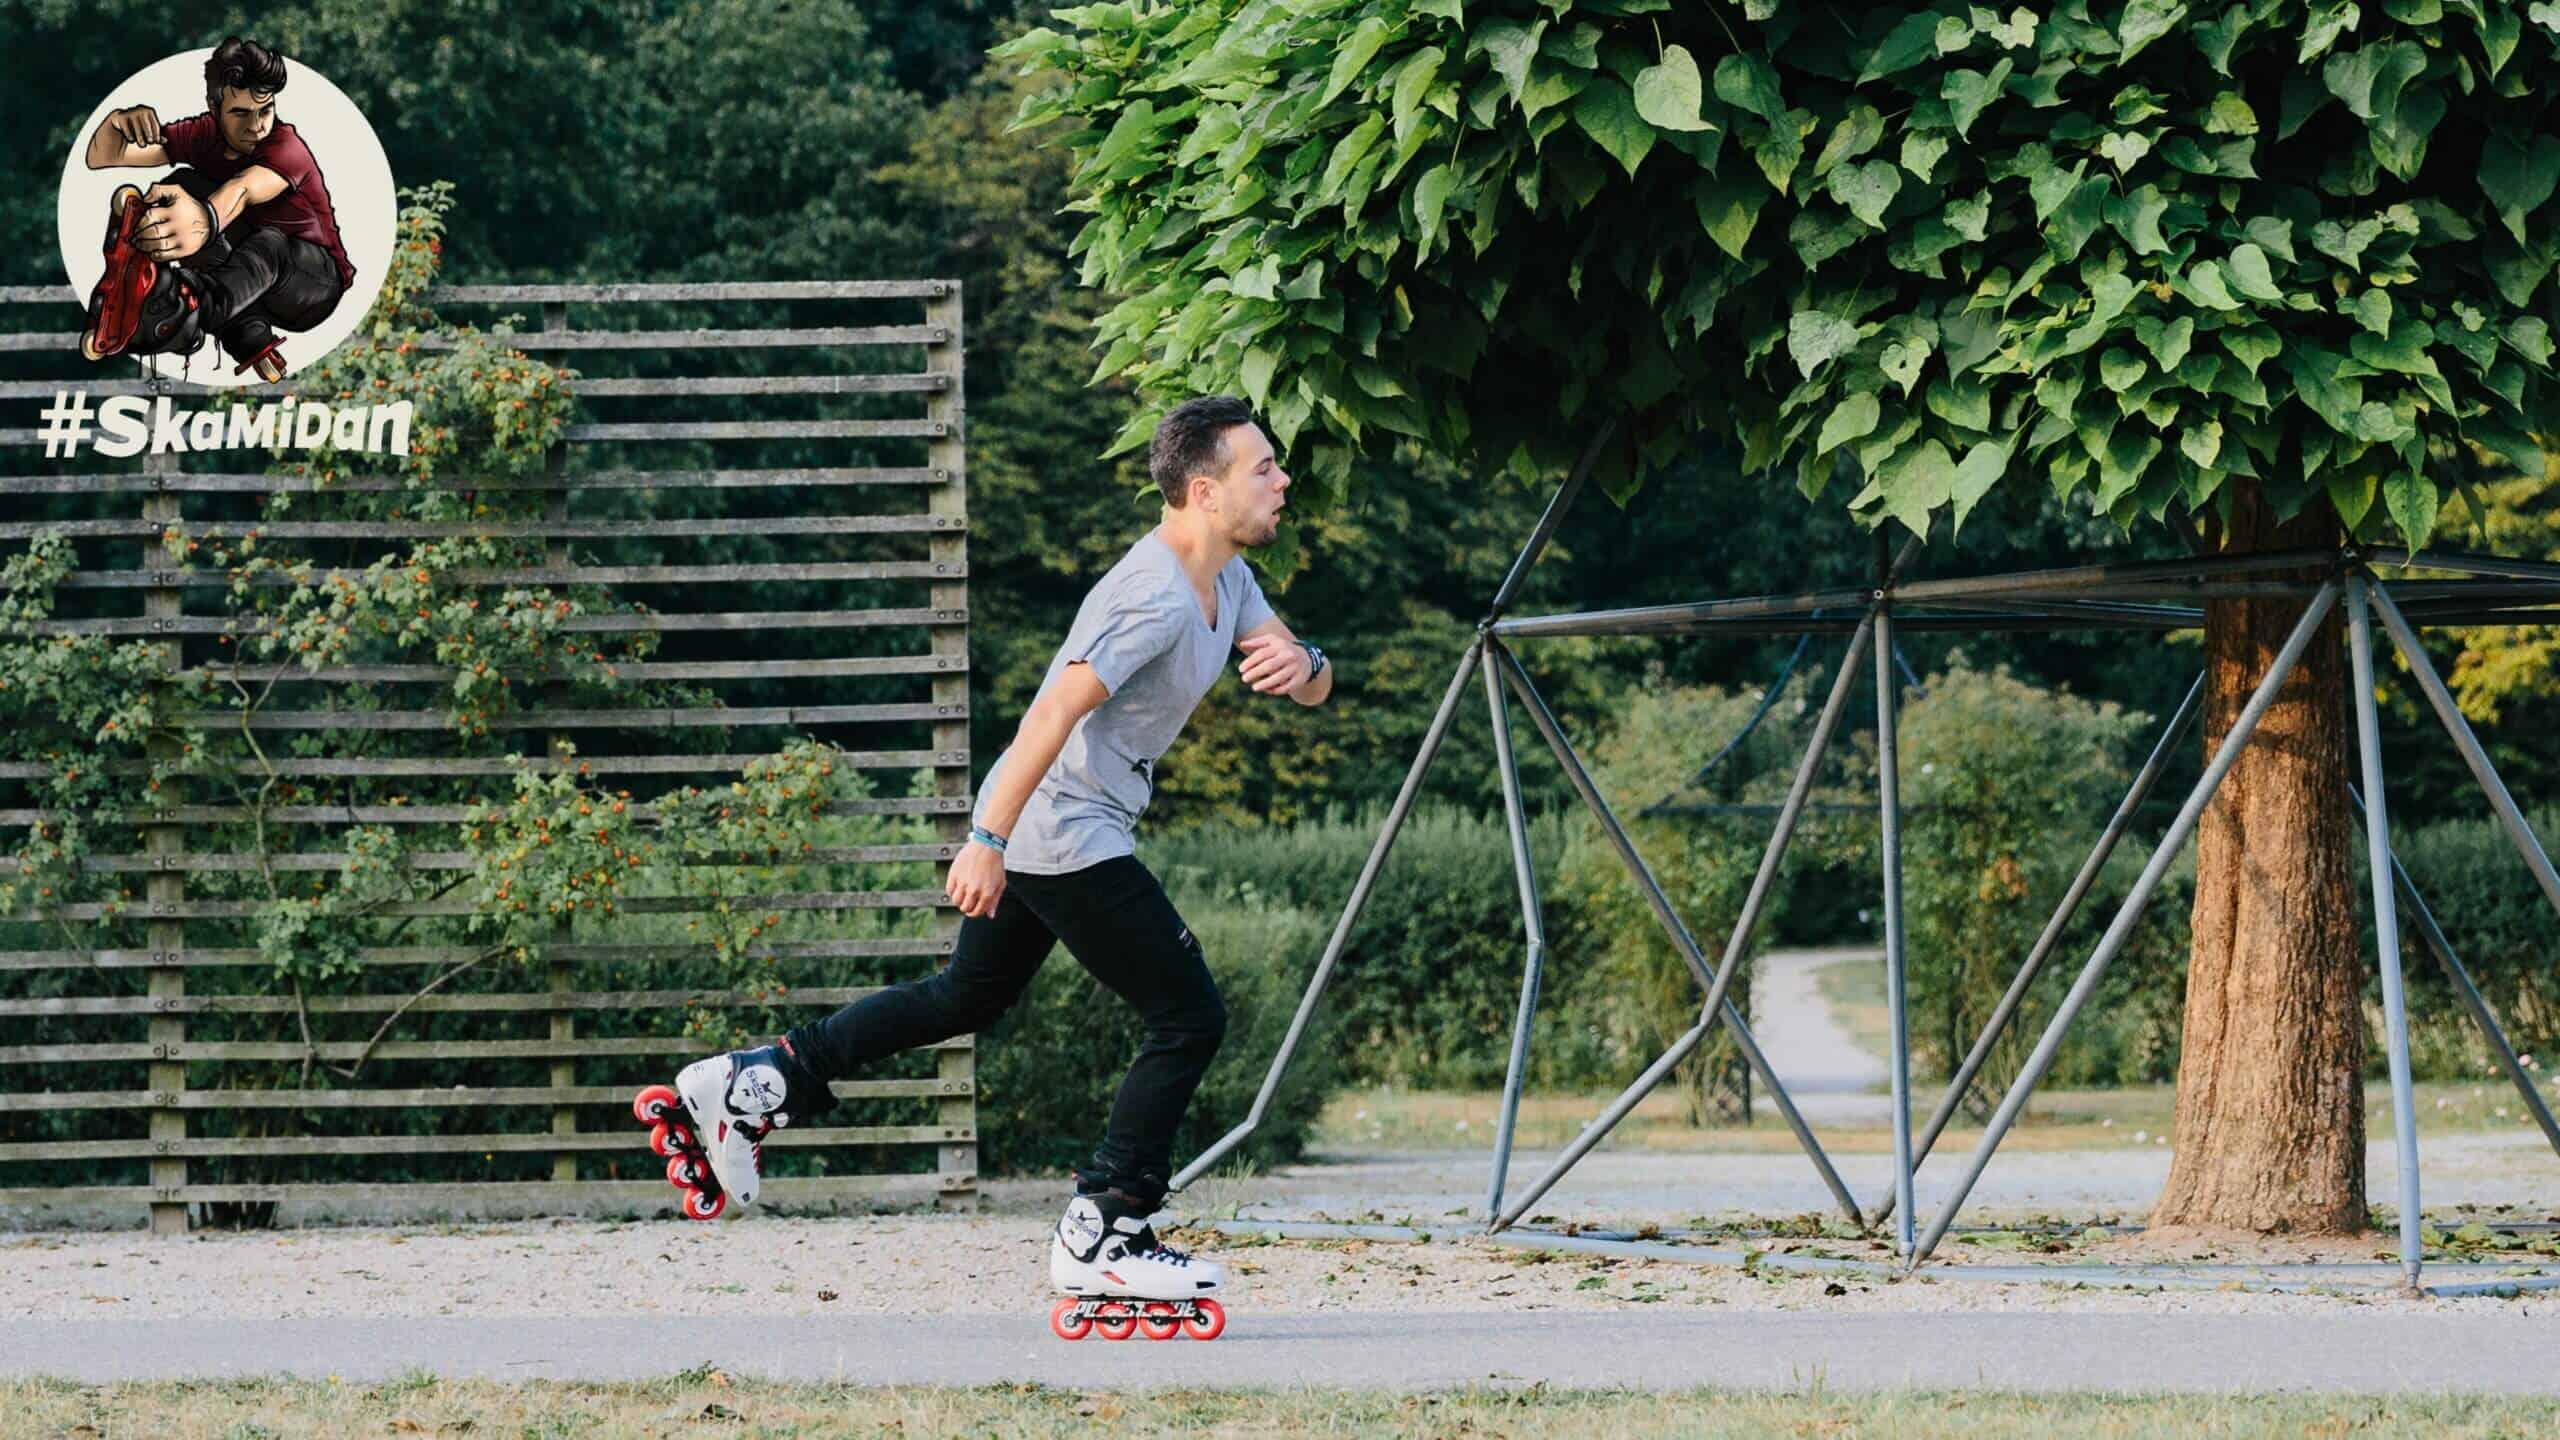 2021_06_Daniel Lott — SkaMiDan Skating Team_002_4K